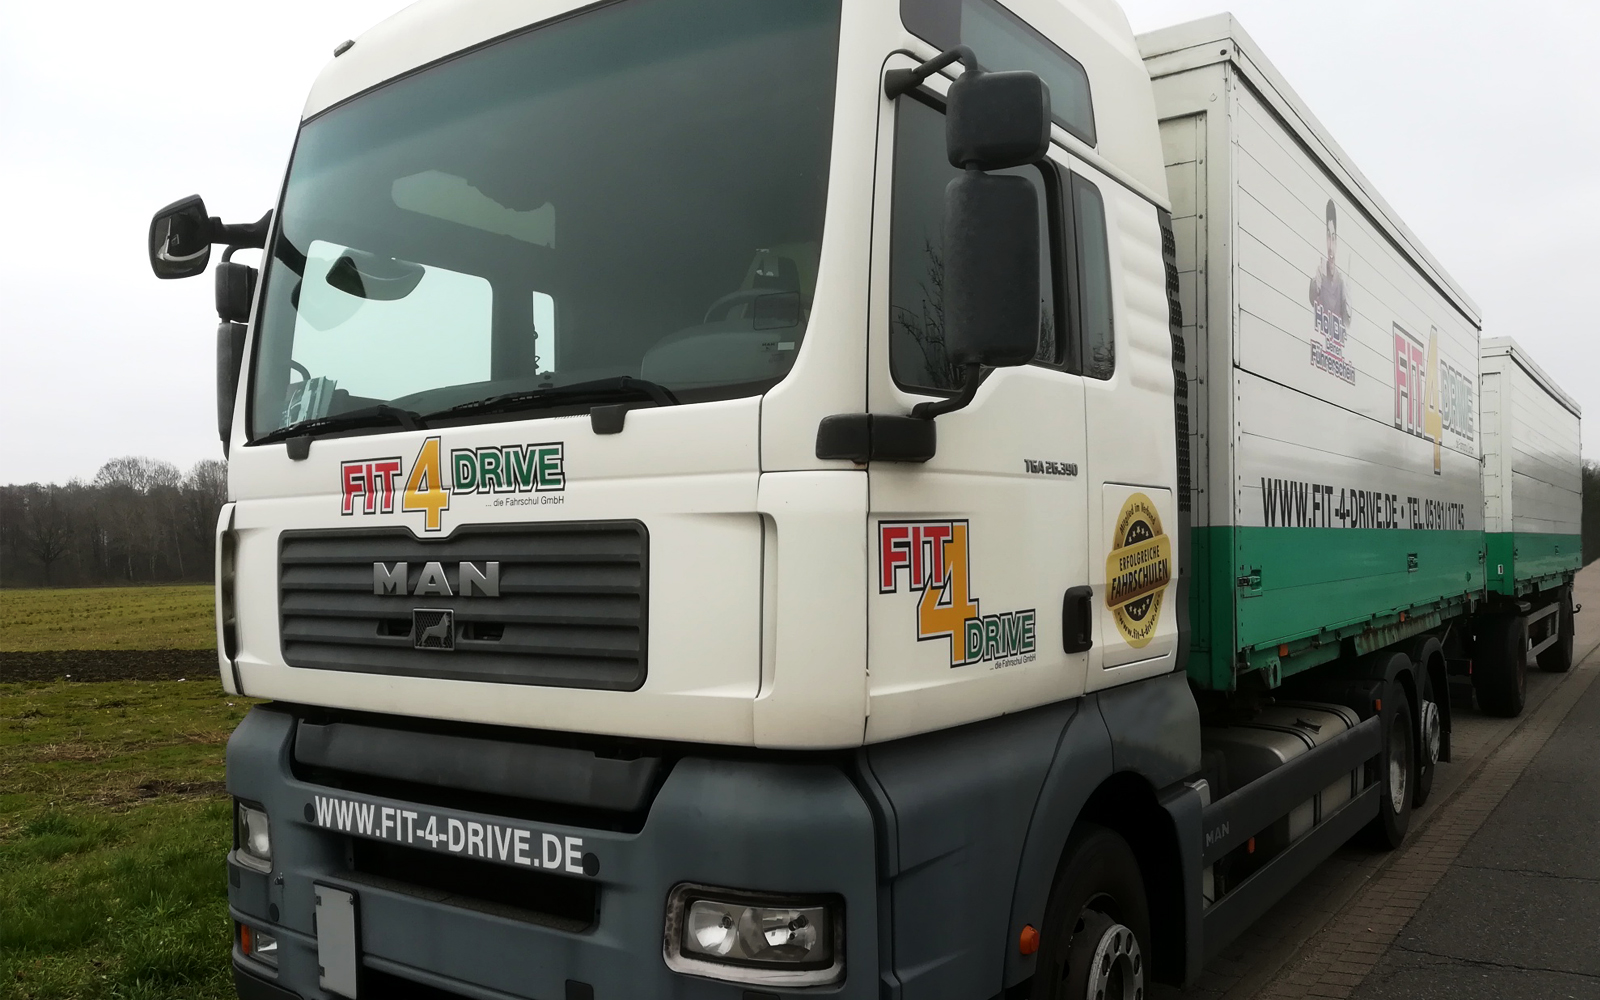 Für die Ausbildung von künftigen Berufskraftfahrern steht ein fahr- schuleigener LKW zur Verfügung.